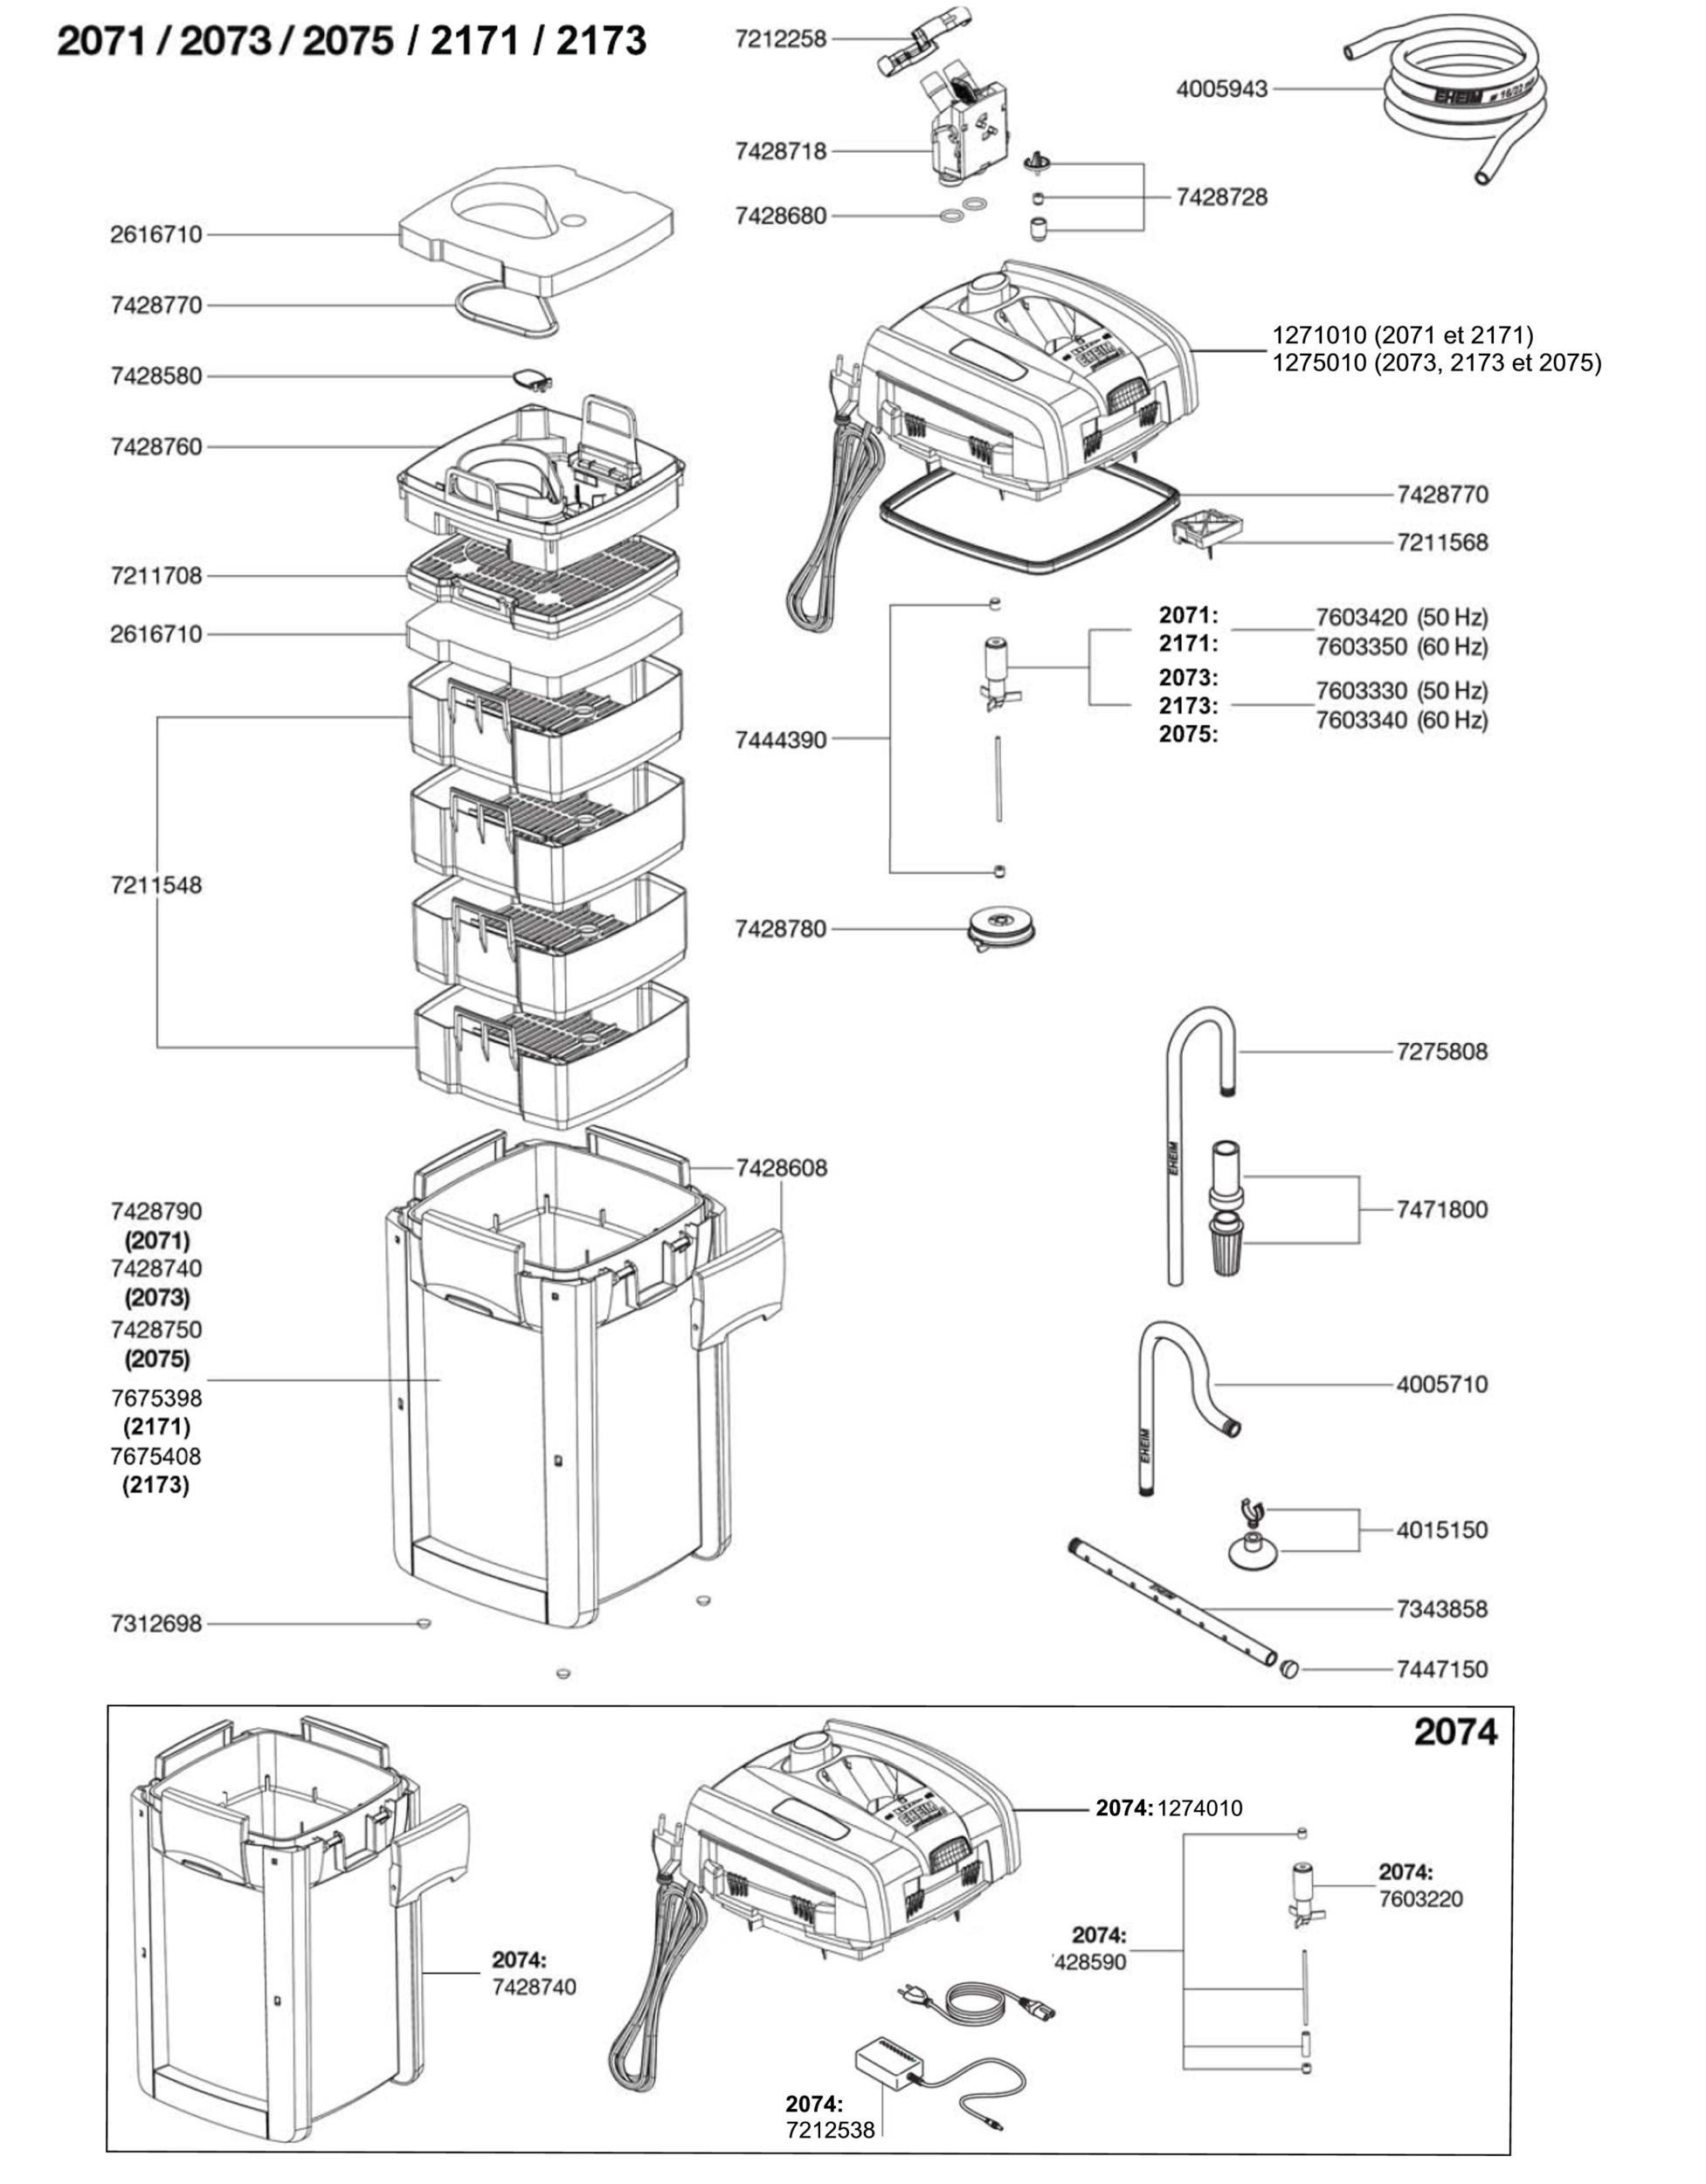 pièces-détachées-eheim-2071-2171-2073-2173-2074-2075